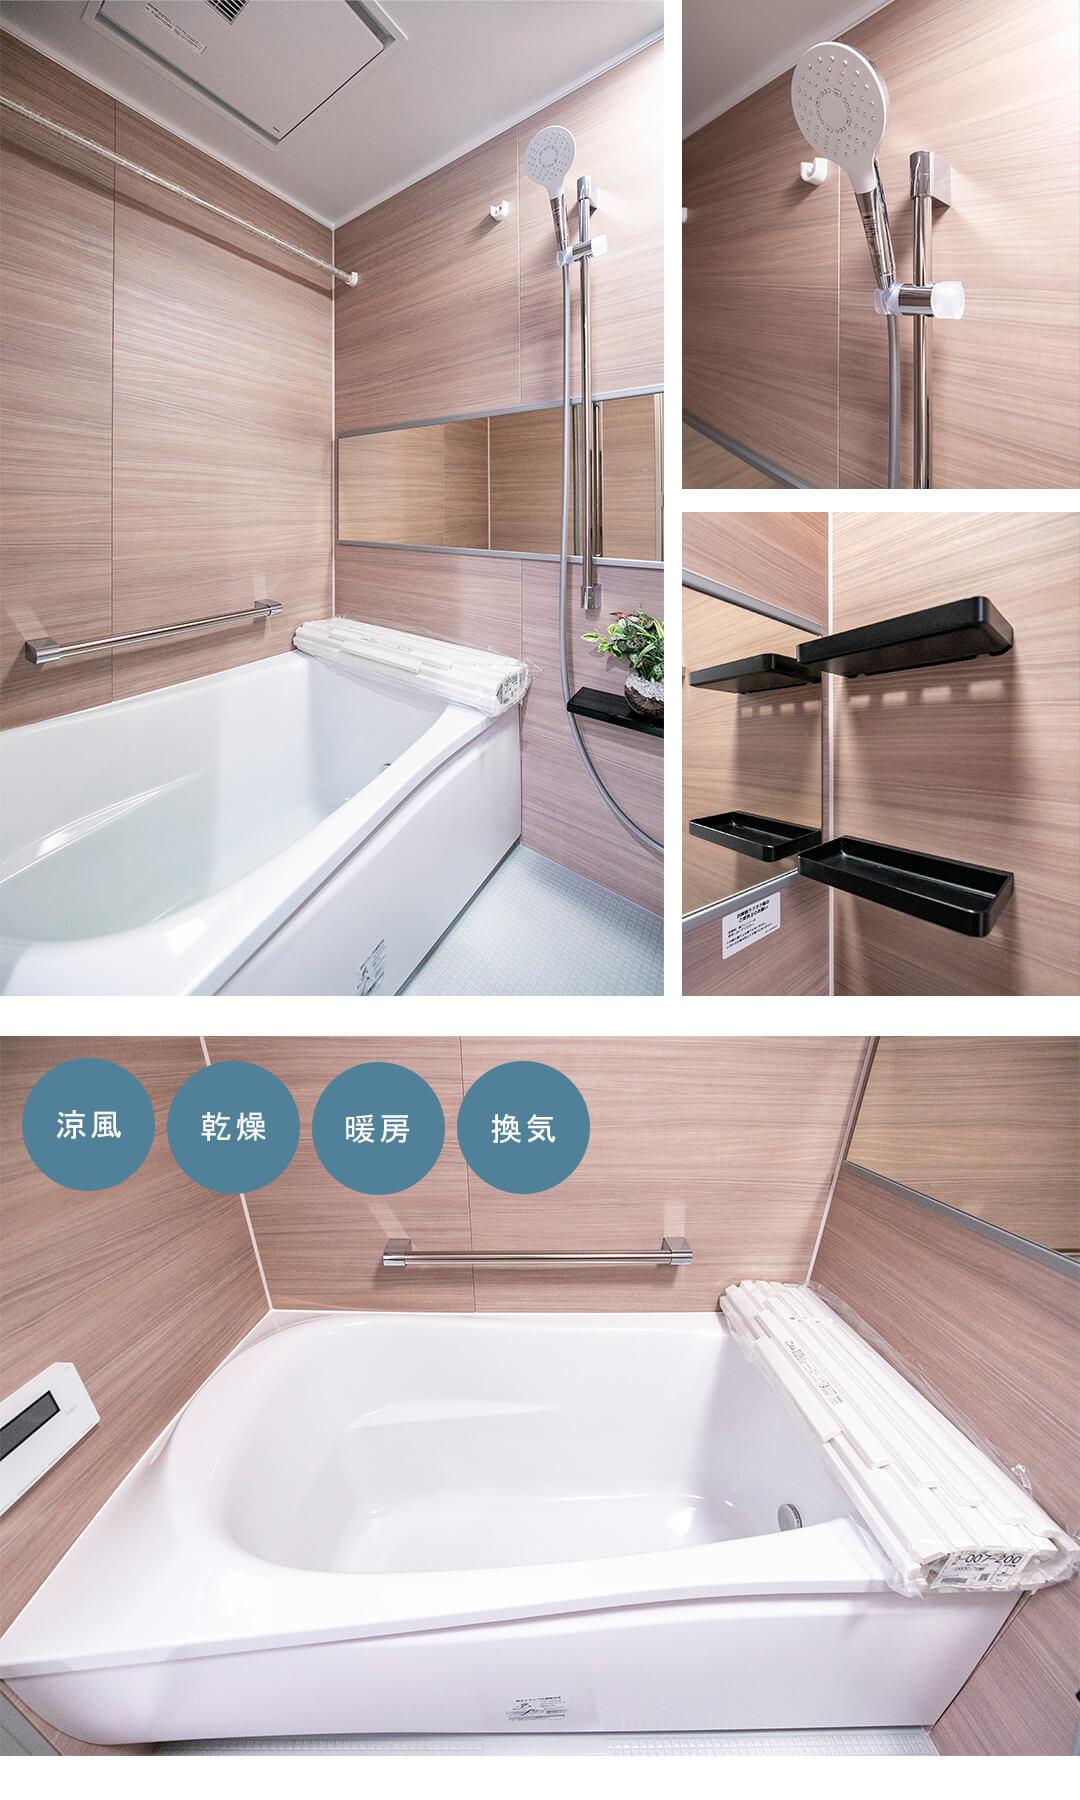 グランドメゾン目黒南の浴室